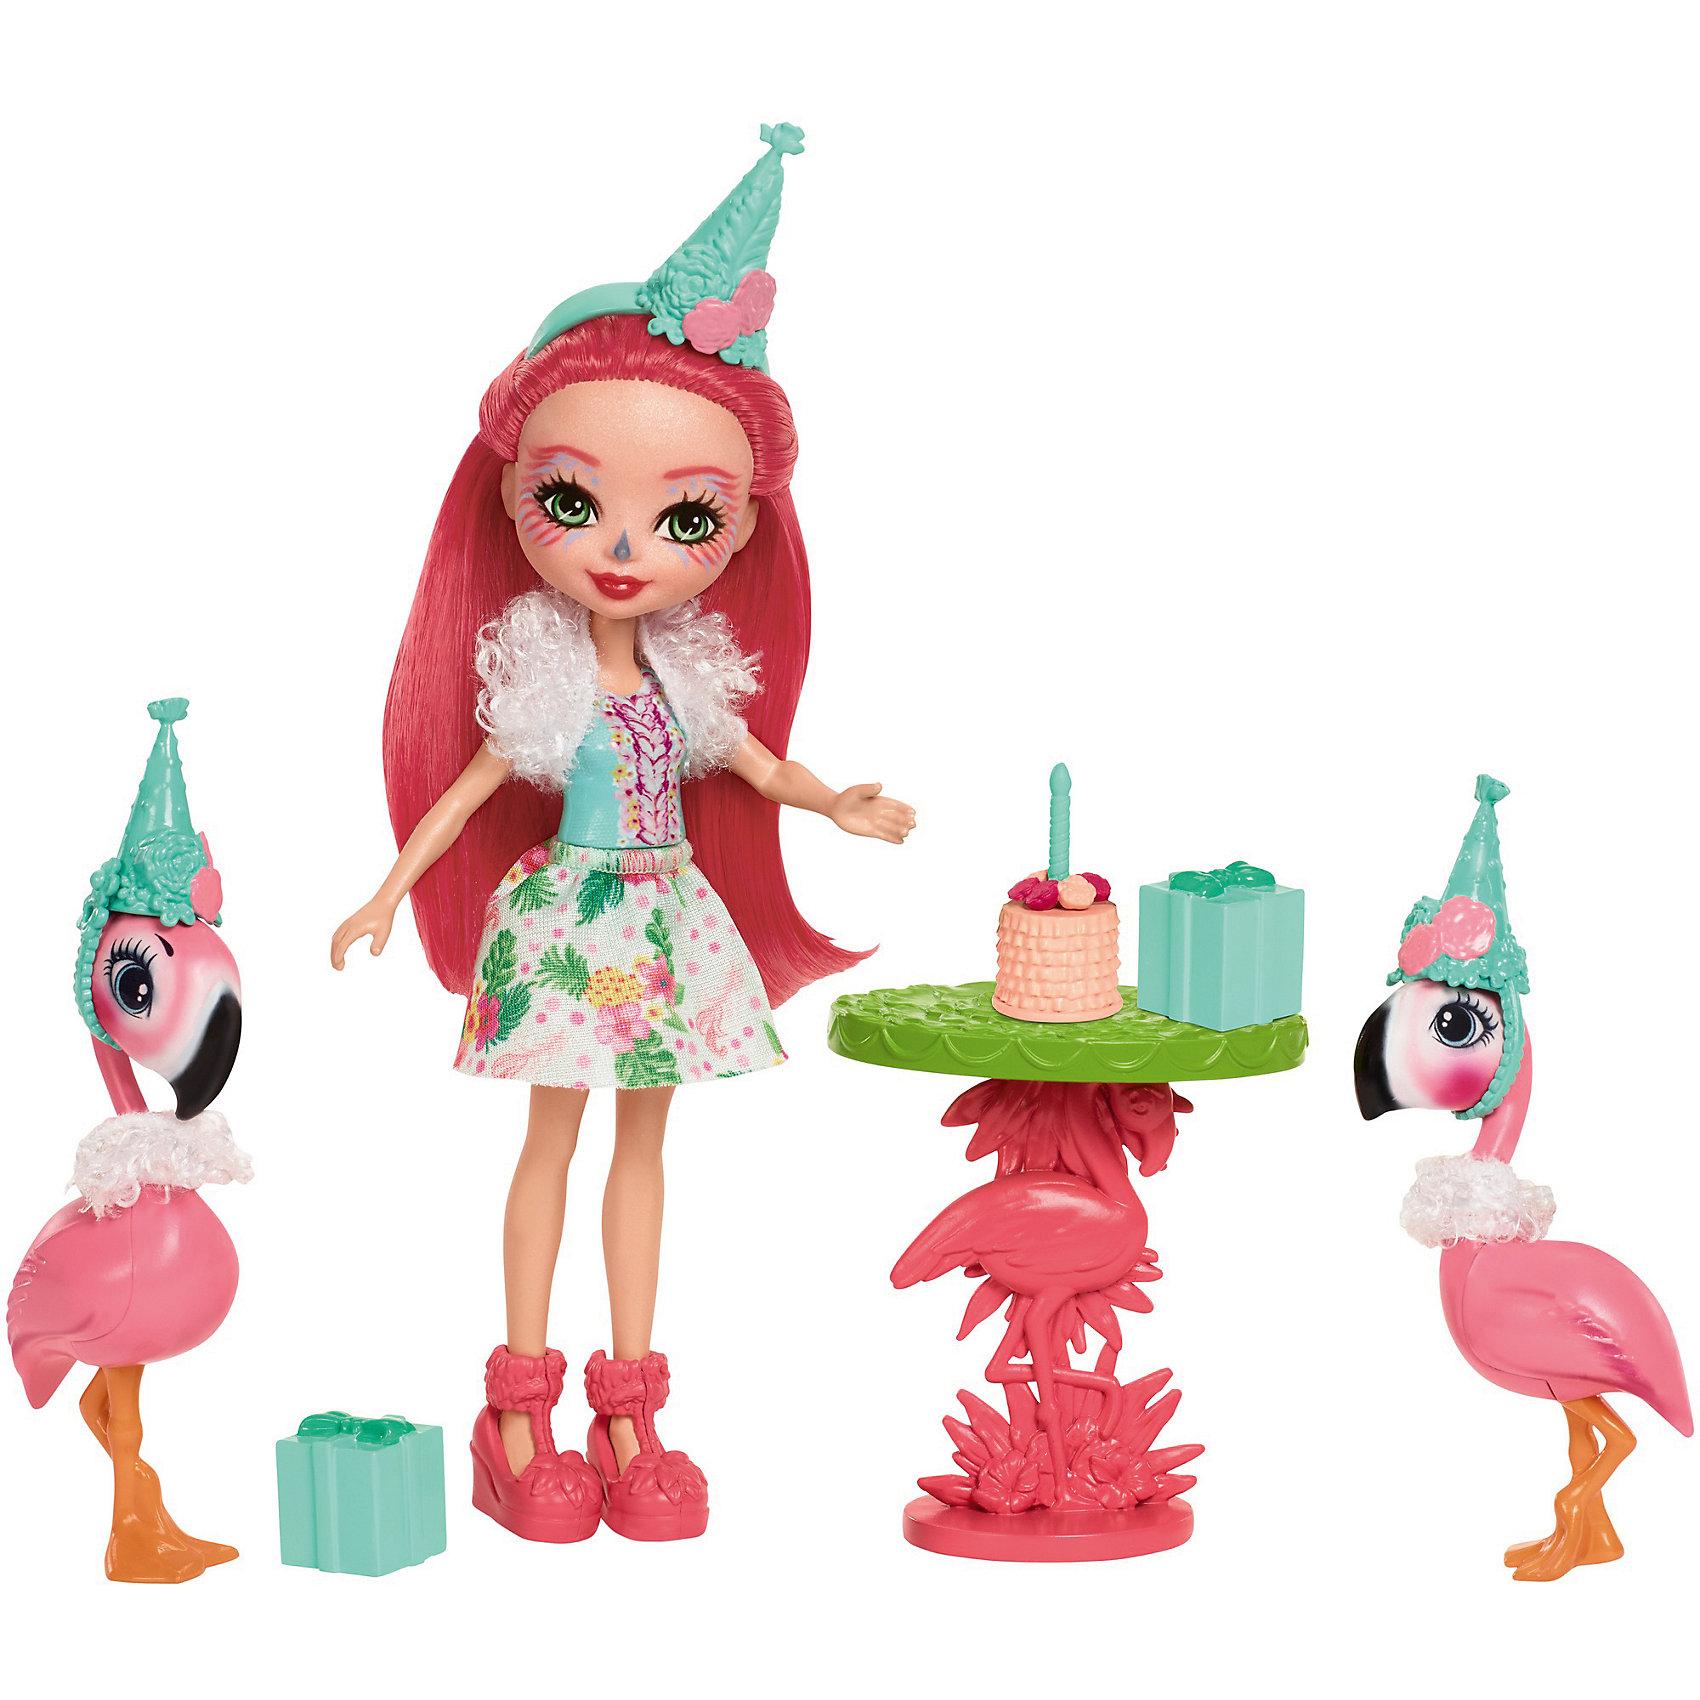 Набор с куклой Enchantimals День рождения фламингоБренды кукол<br>Характеристики товара:<br><br>• возраст: от 3 лет;<br>• пол: девочка;<br>• материал: пластик, текстиль<br>• высота куклы: 15 см;<br>• в комплекте : кукла, 2 фигурки фламинго и аксессуары; <br>• подвижные руки, ноги и голова кукол;<br>• мягкие волосы, которые можно расчесывать;                                         <br>• страна-производитель: Индонезия;                                    <br>• размер упаковки: 5,5х10х32,5 см.<br><br>Новинка от Mattel!!!<br>Среди героев волшебного мира Enchantimals, девочка Фэнси Фламинго выделяется своим очарованием и грациозностью.<br><br>Для празднования дня рождения своего друга, Фэнси оделась особенно ярко: красивая юбка с тропическим разноцветным принтом, яркая майка, пушистая накидка на плечи и зелёный колпак на голове. Веселая героиня мистического леса очаровывает длинными розовыми волосами, розовыми туфлями и чертами лица птицы фламинго. <br><br>Стол имеет зеленый верх и розовую ножку в форме фламинго. Торт для дня рождения можно поставить на стол. Сюда же положить и два подарка, обернутых лентой и бантиком сверху.<br><br>Её два друга-фламинго - один выше, другой чуть меньше. Выглядят прикольно в своих зелёных колпаках и пушистых накидках на шеях. <br><br>Игровой набор «День рождения Фламинго» от Mattel можно купить в нашем интернет-магазине.<br><br>Ширина мм: 254<br>Глубина мм: 220<br>Высота мм: 66<br>Вес г: 195<br>Возраст от месяцев: 72<br>Возраст до месяцев: 120<br>Пол: Женский<br>Возраст: Детский<br>SKU: 6739704